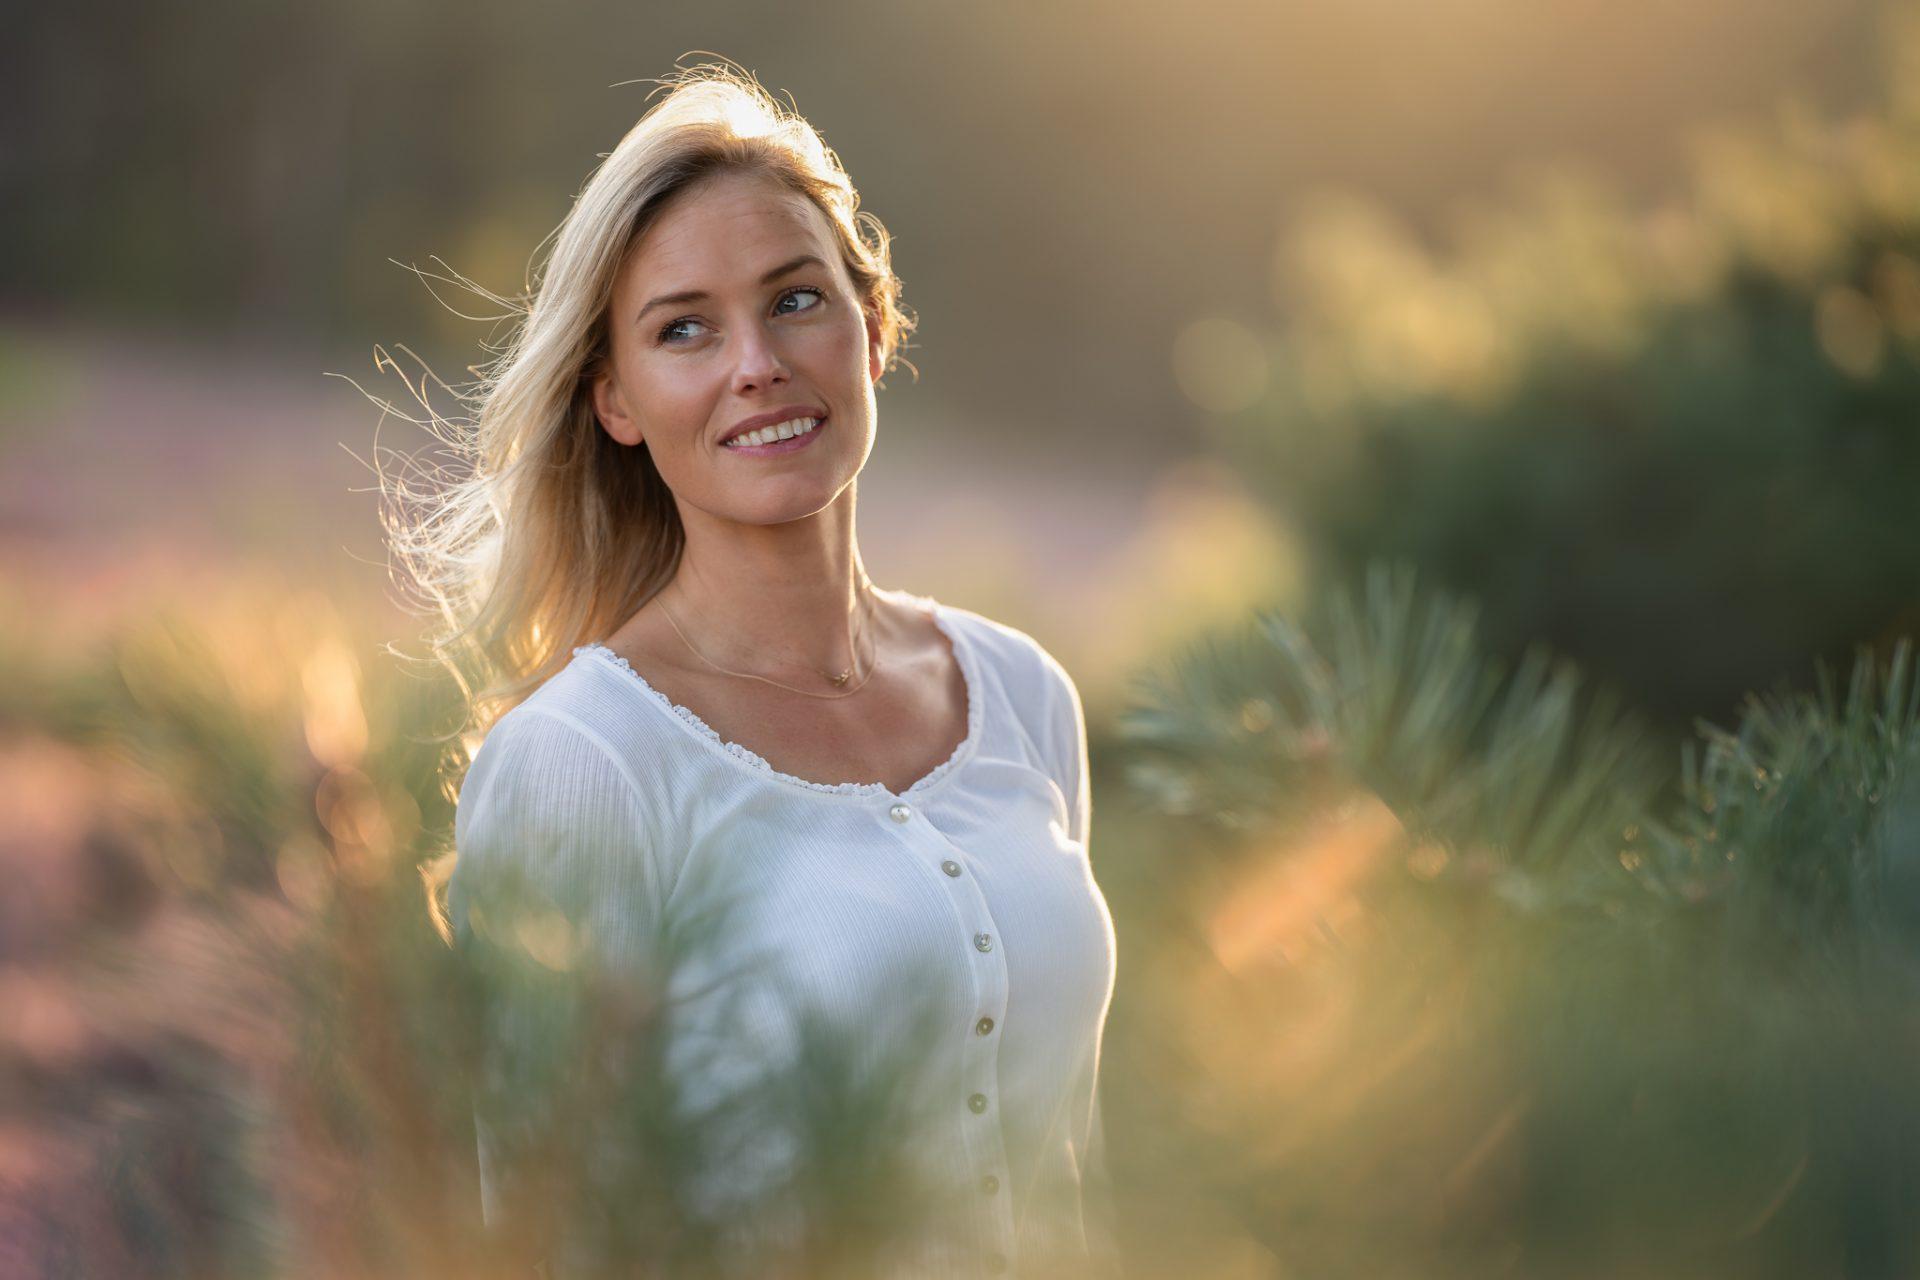 portret fotograaf paarse heide fotoshoot goldenhour